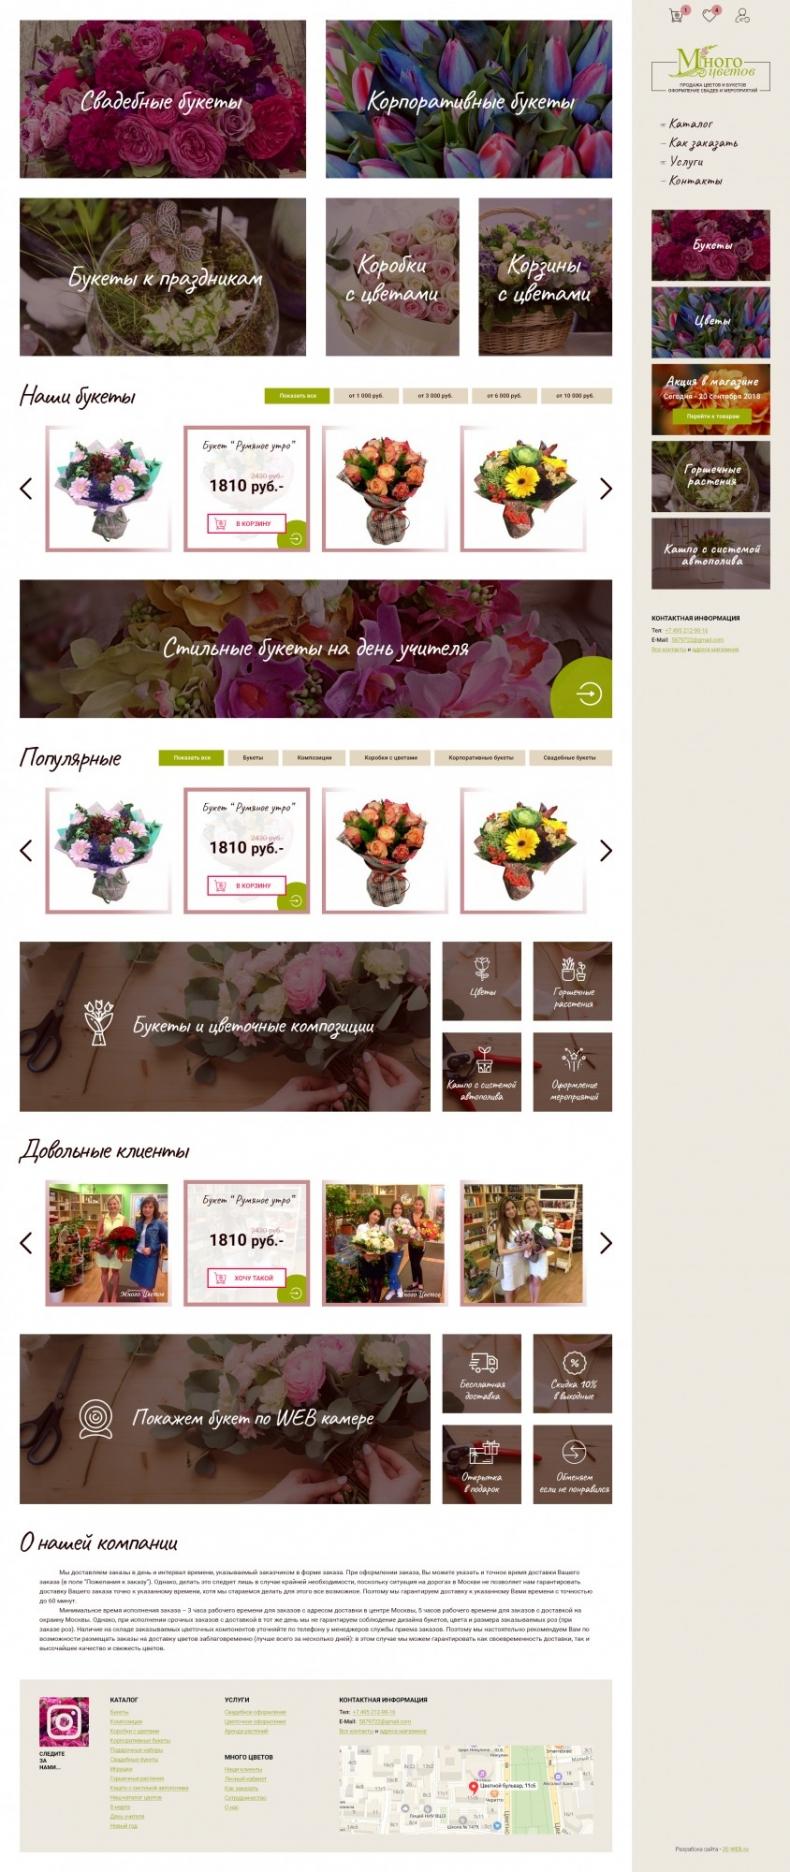 Интернет магазин букетов - Много цветов